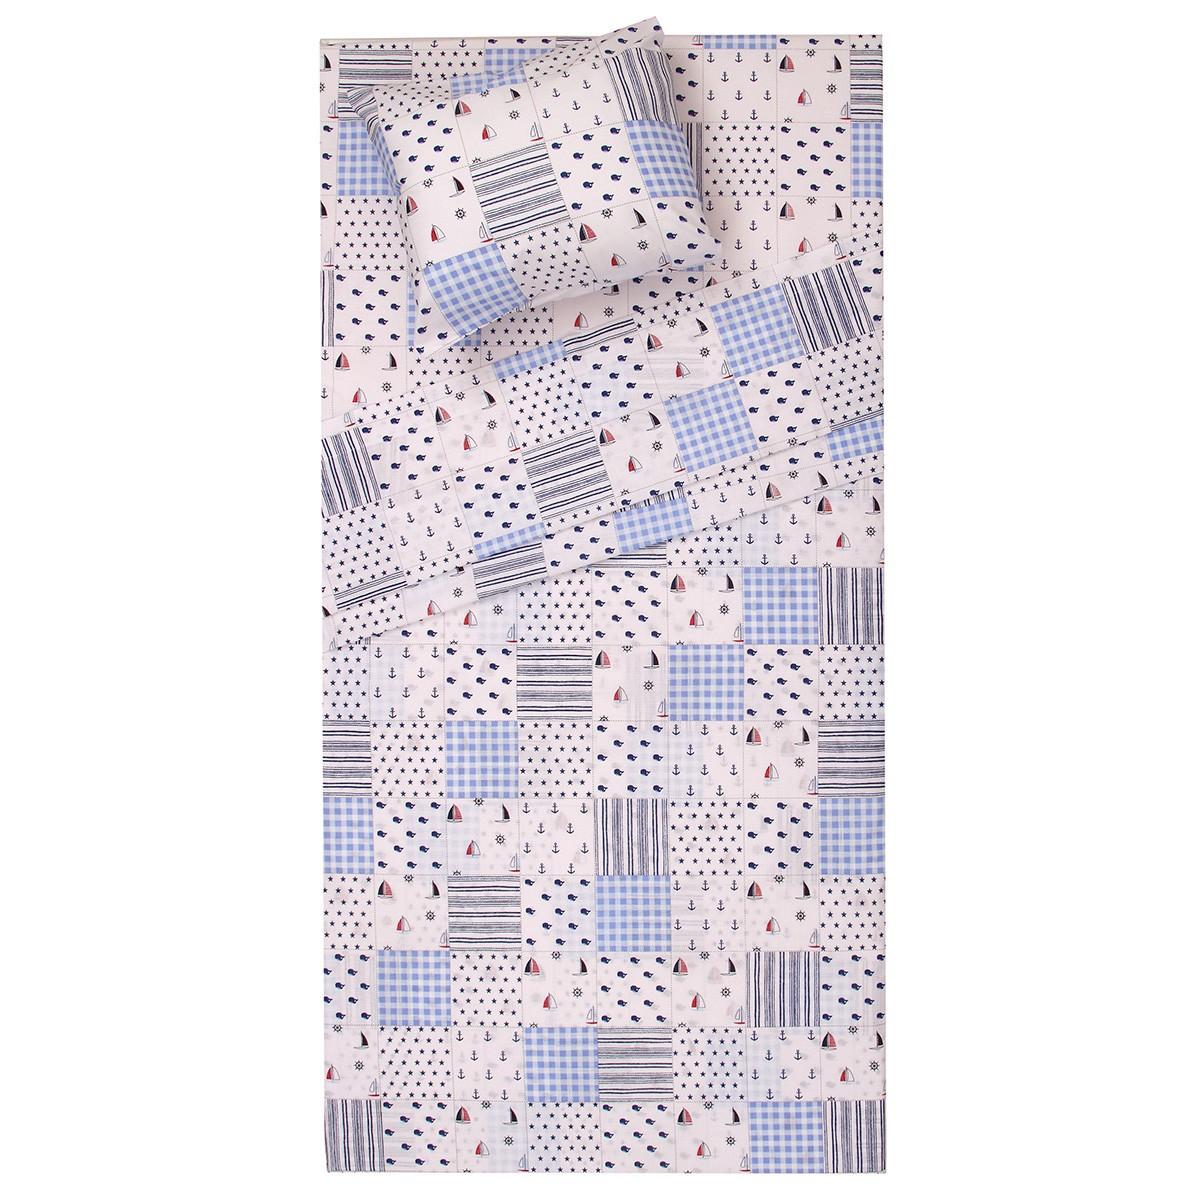 Κουβερλί Ημίδιπλο (Σετ) Viopros Kids Cotton Κρουζ home   κρεβατοκάμαρα   κουβερλί   κουβερλί ημίδιπλα   διπλά